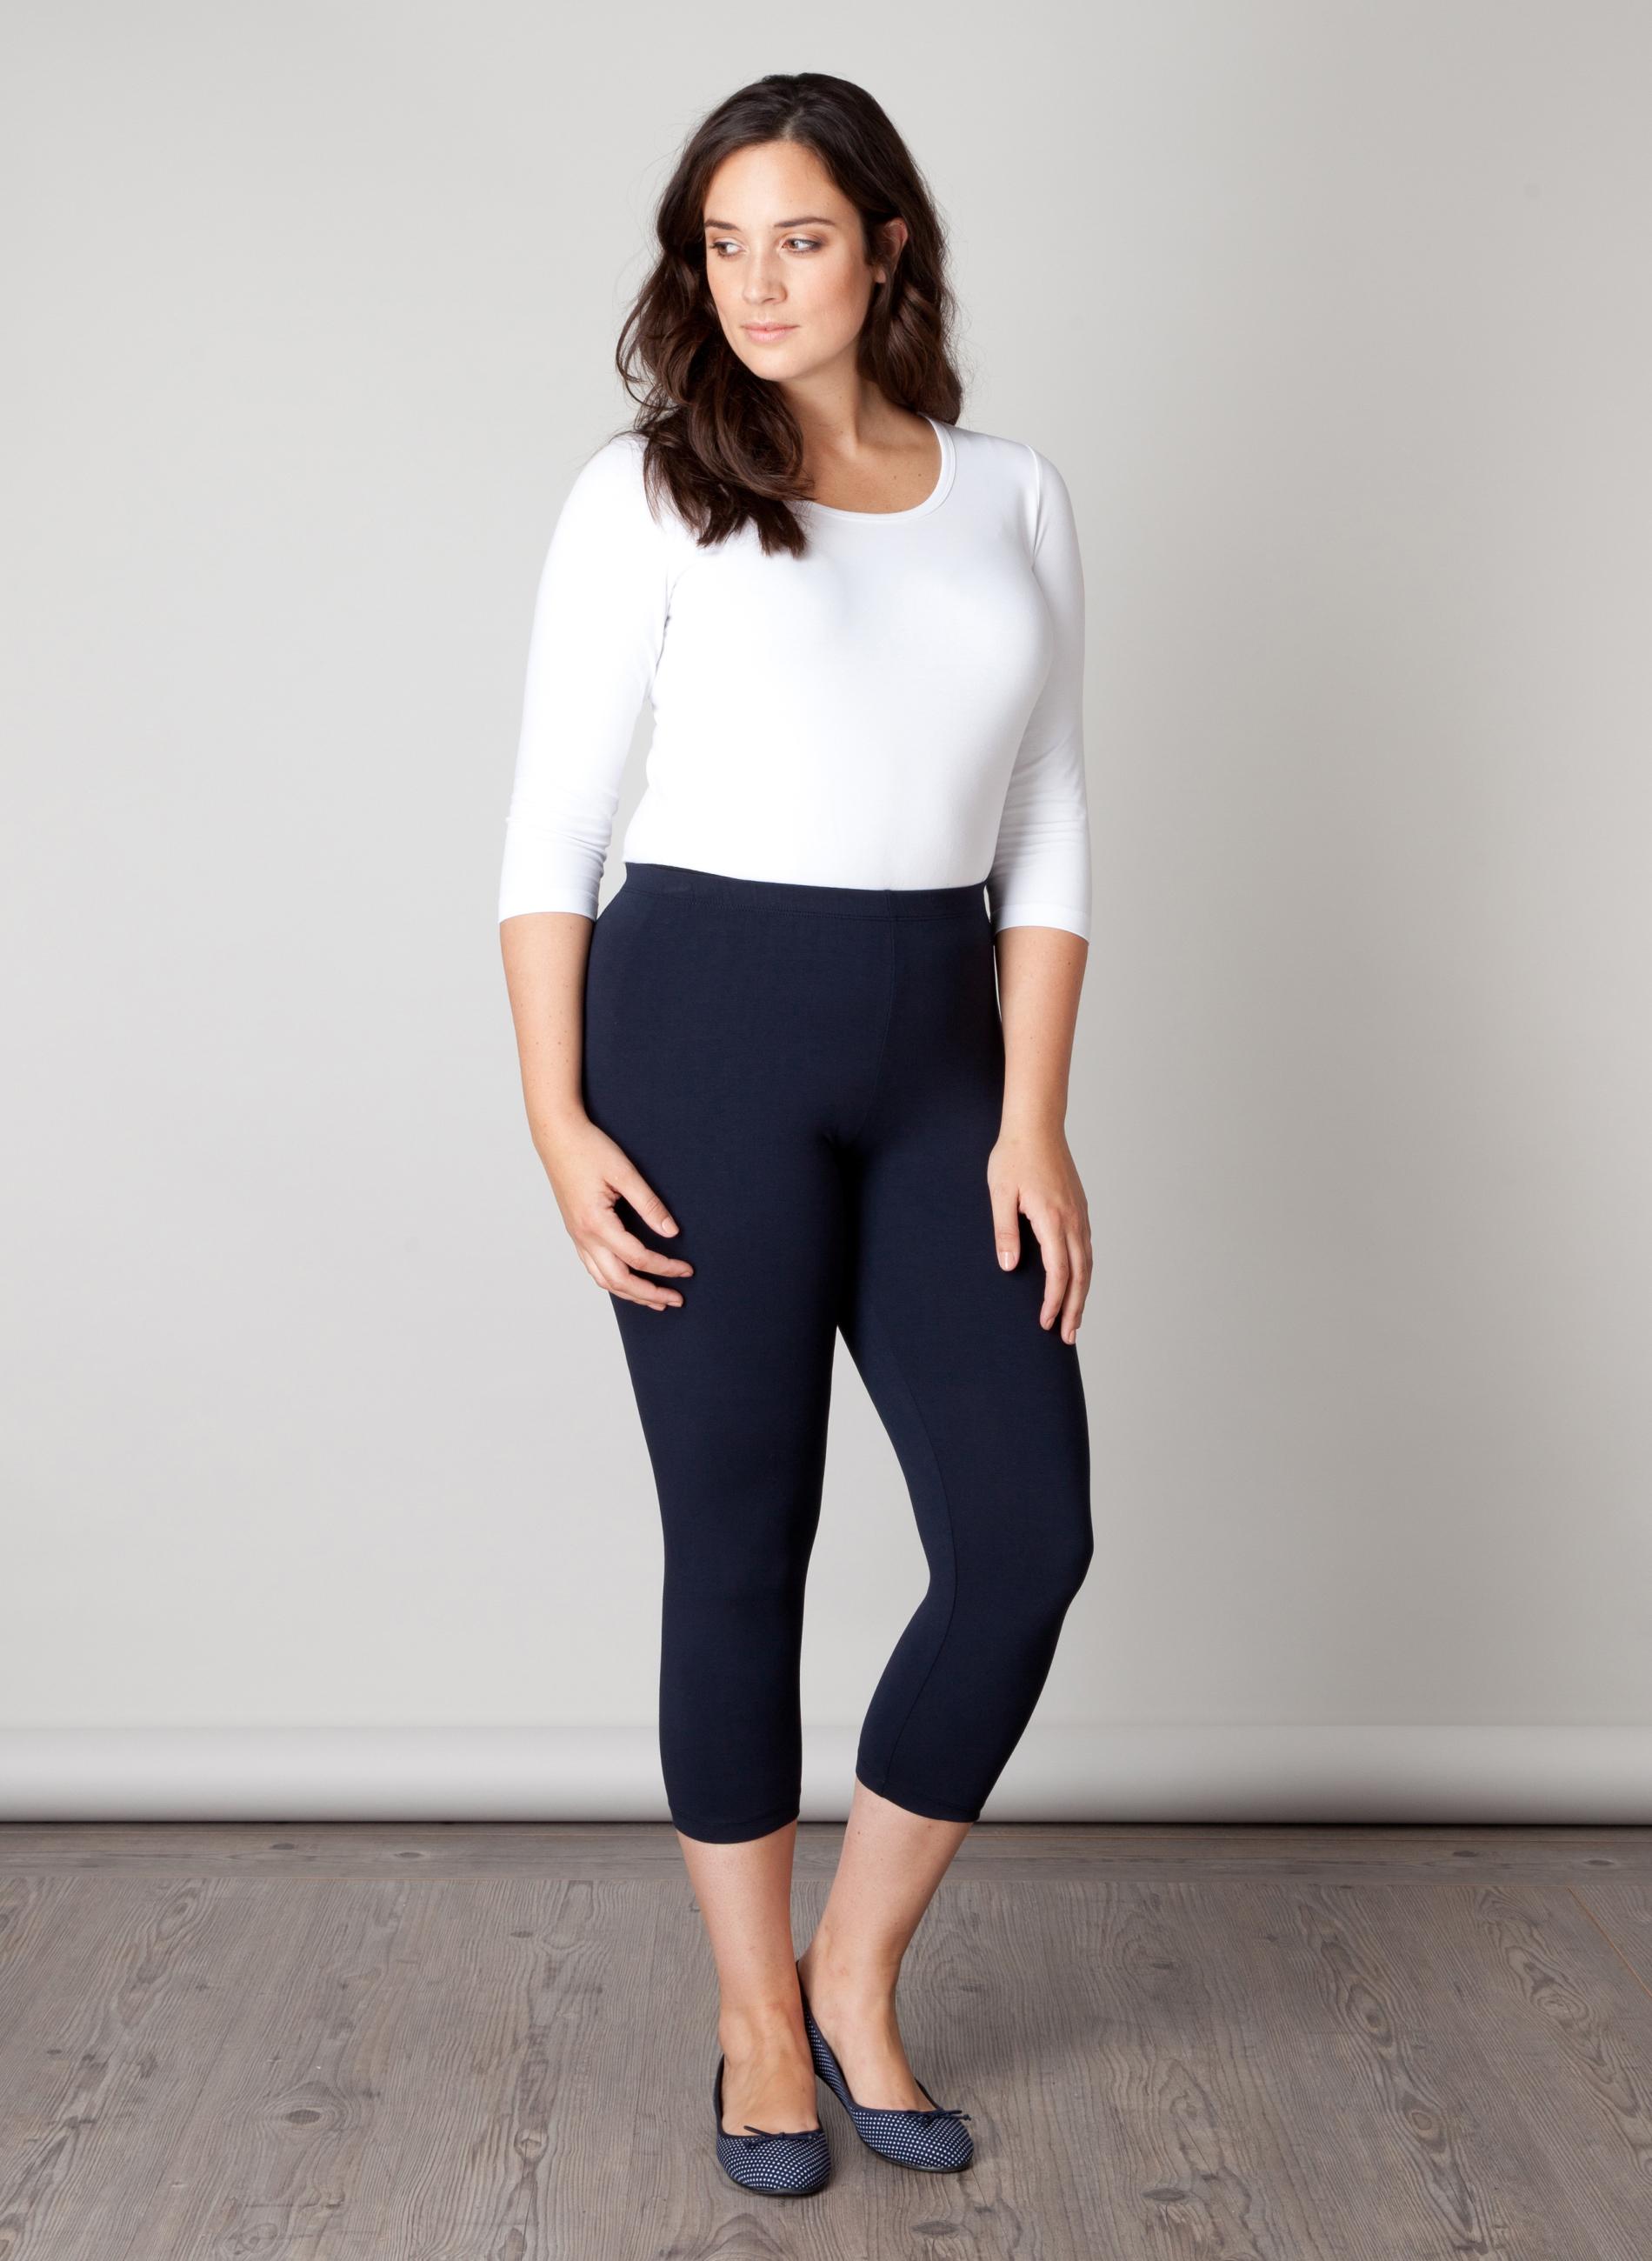 Legging Audrey Yesta (Xcentera)